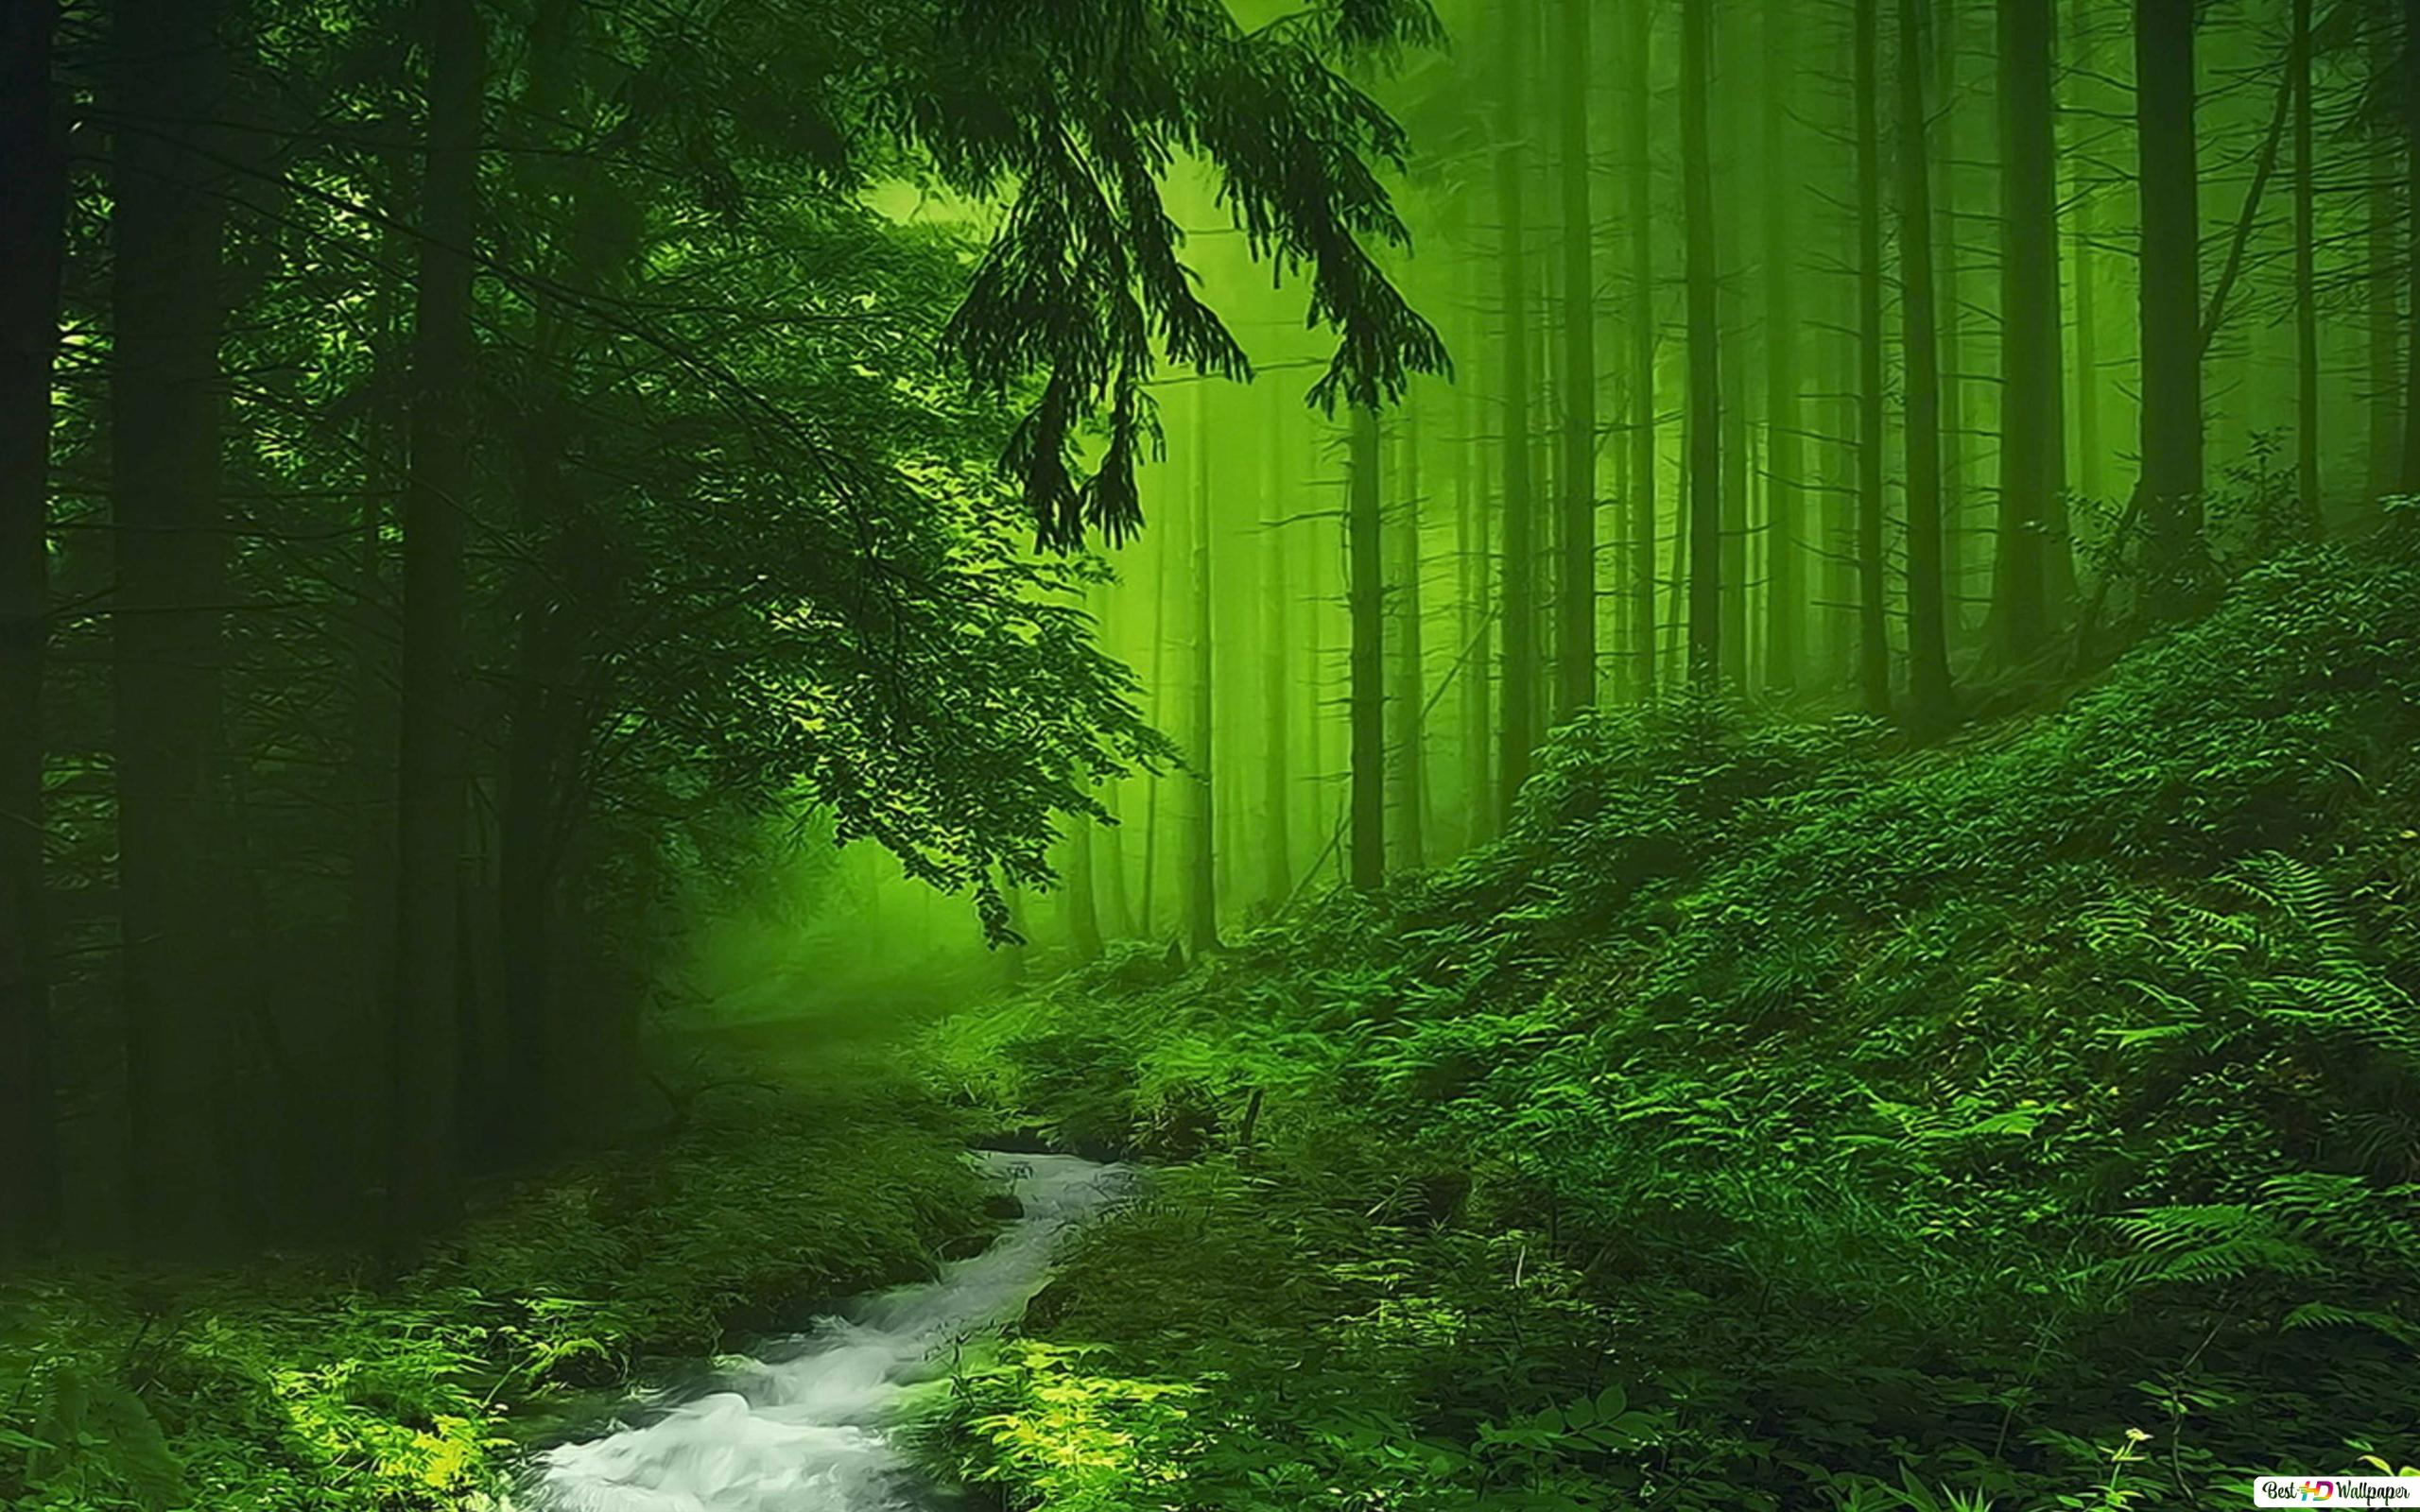 緑の霧の森 Hd壁紙のダウンロード